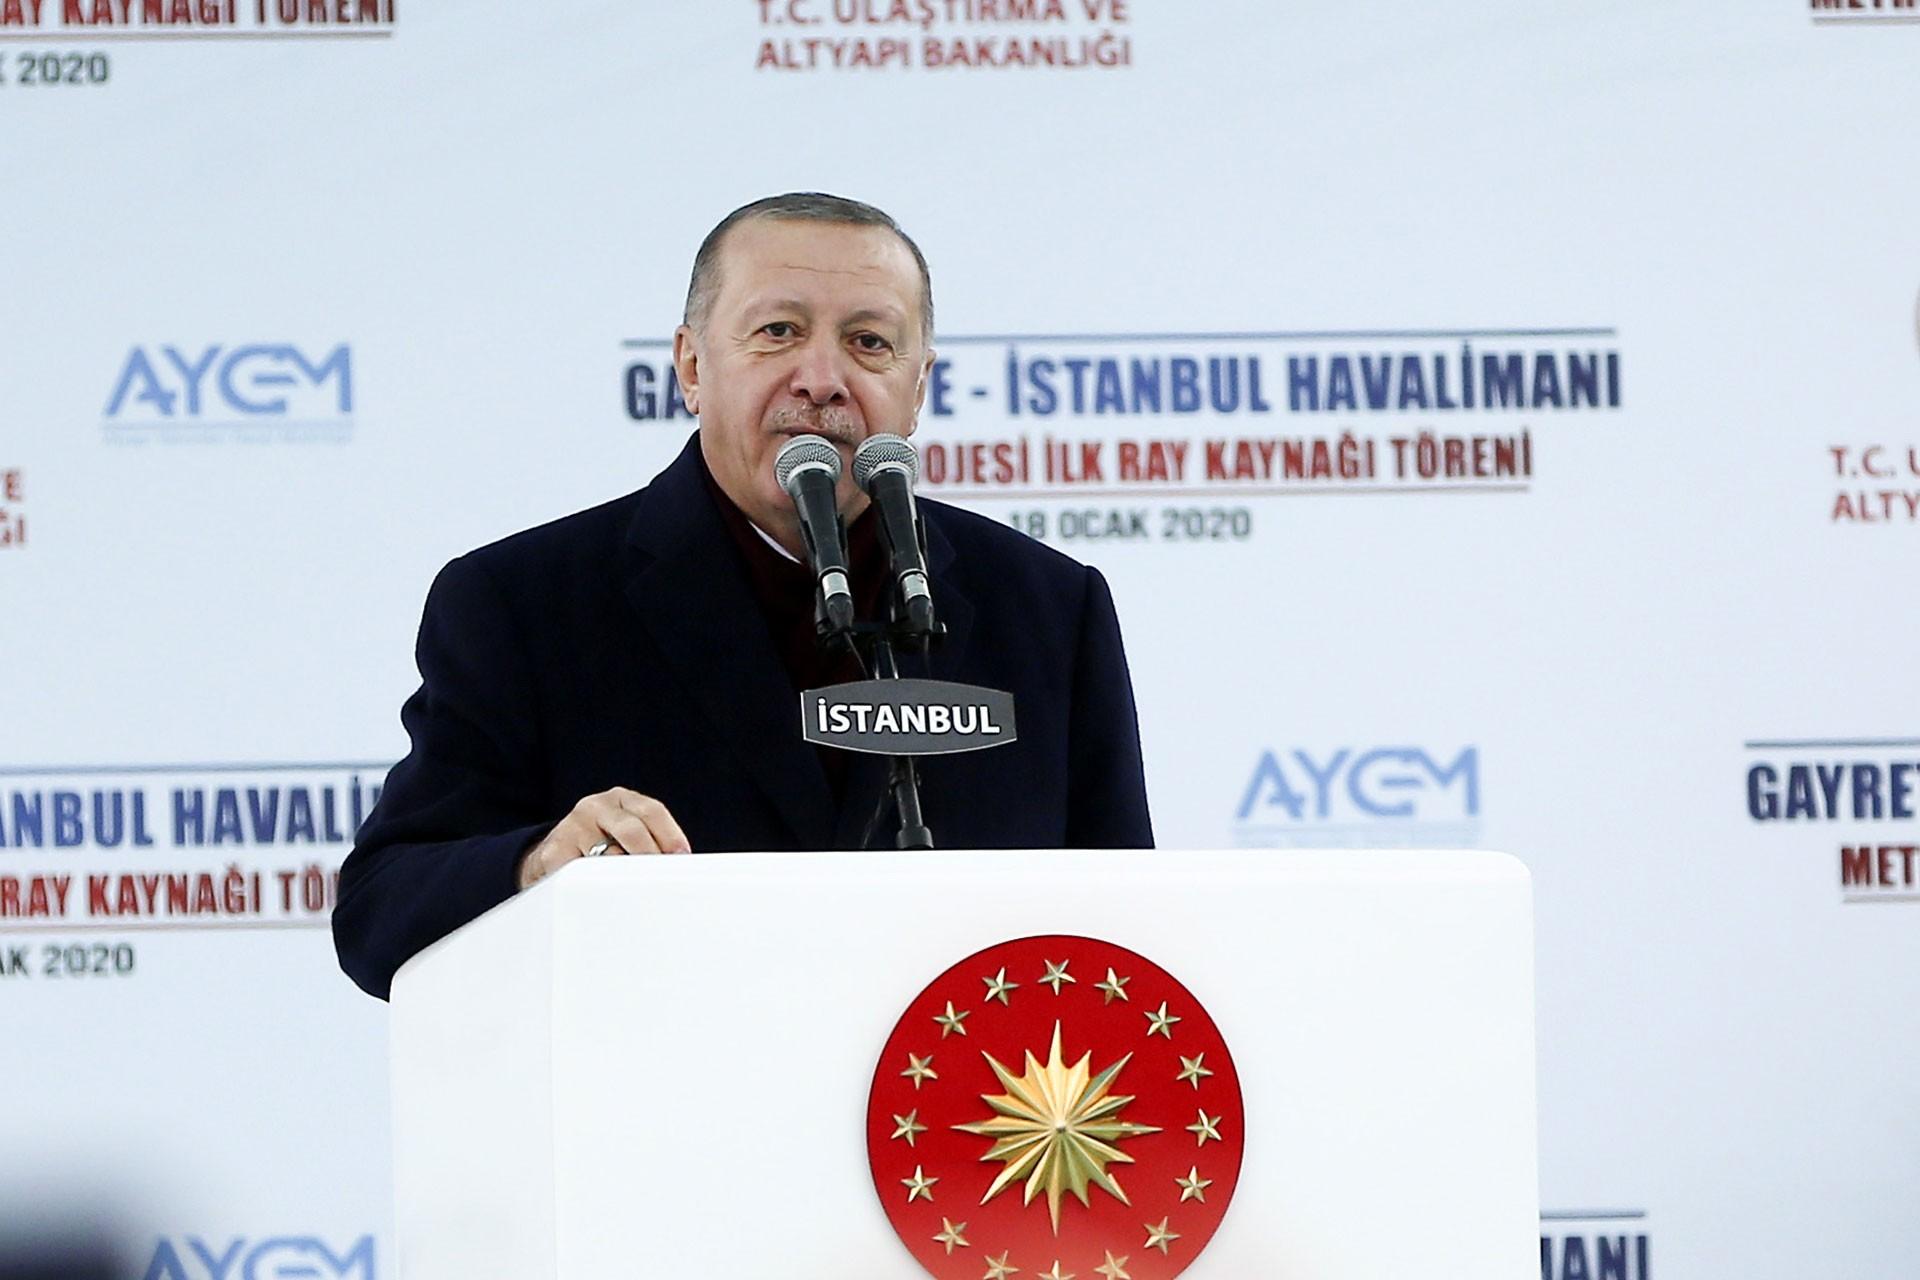 Recep Tayyip Erdoğan, Gayrettepe-İstanbul Havalimanı metro projesinin ilk ray kaynak töreninde konuşurken.